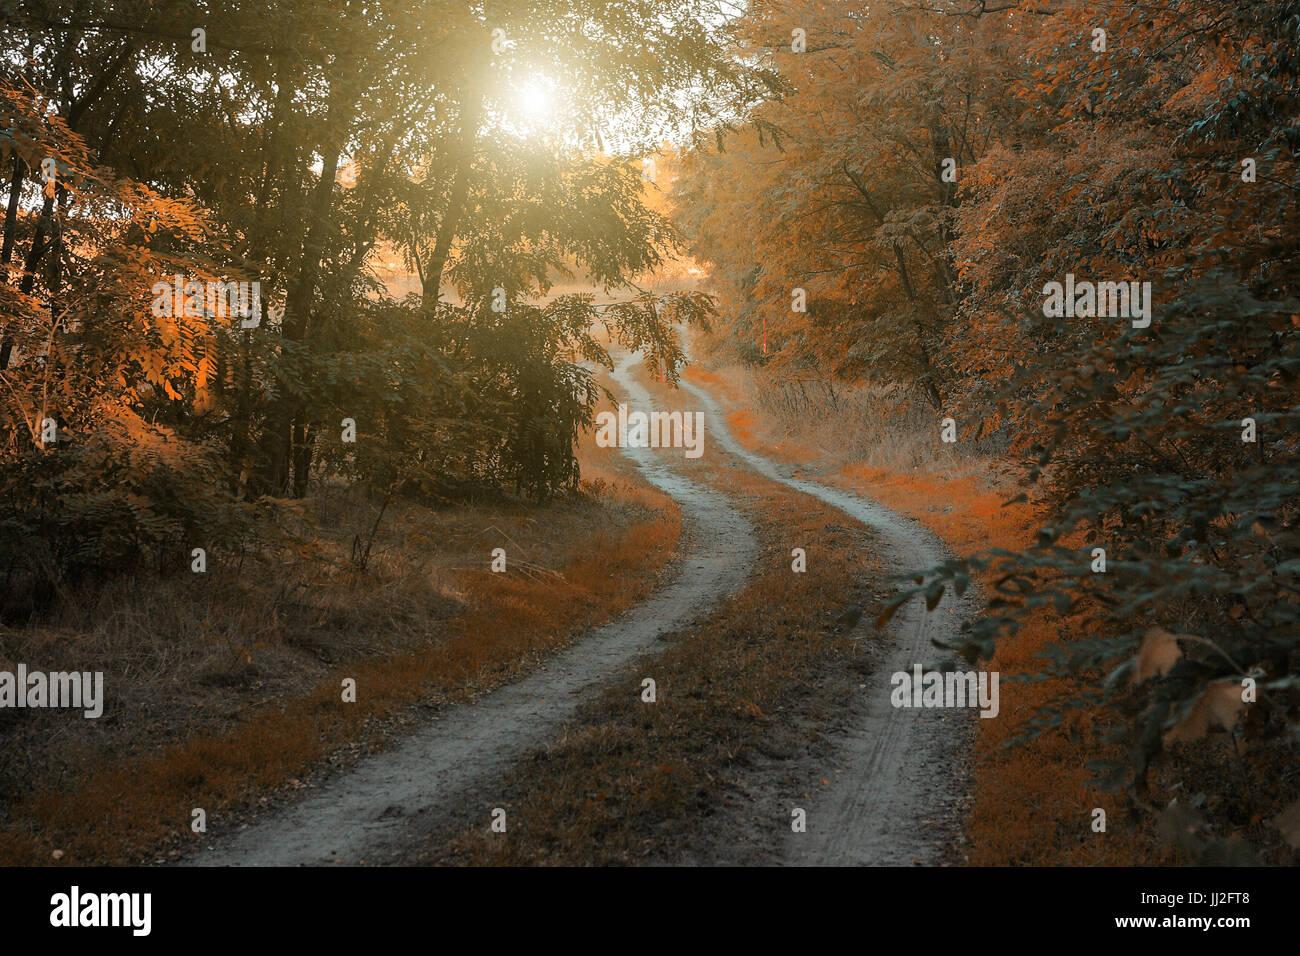 Camino en un bosque de otoño Imagen De Stock